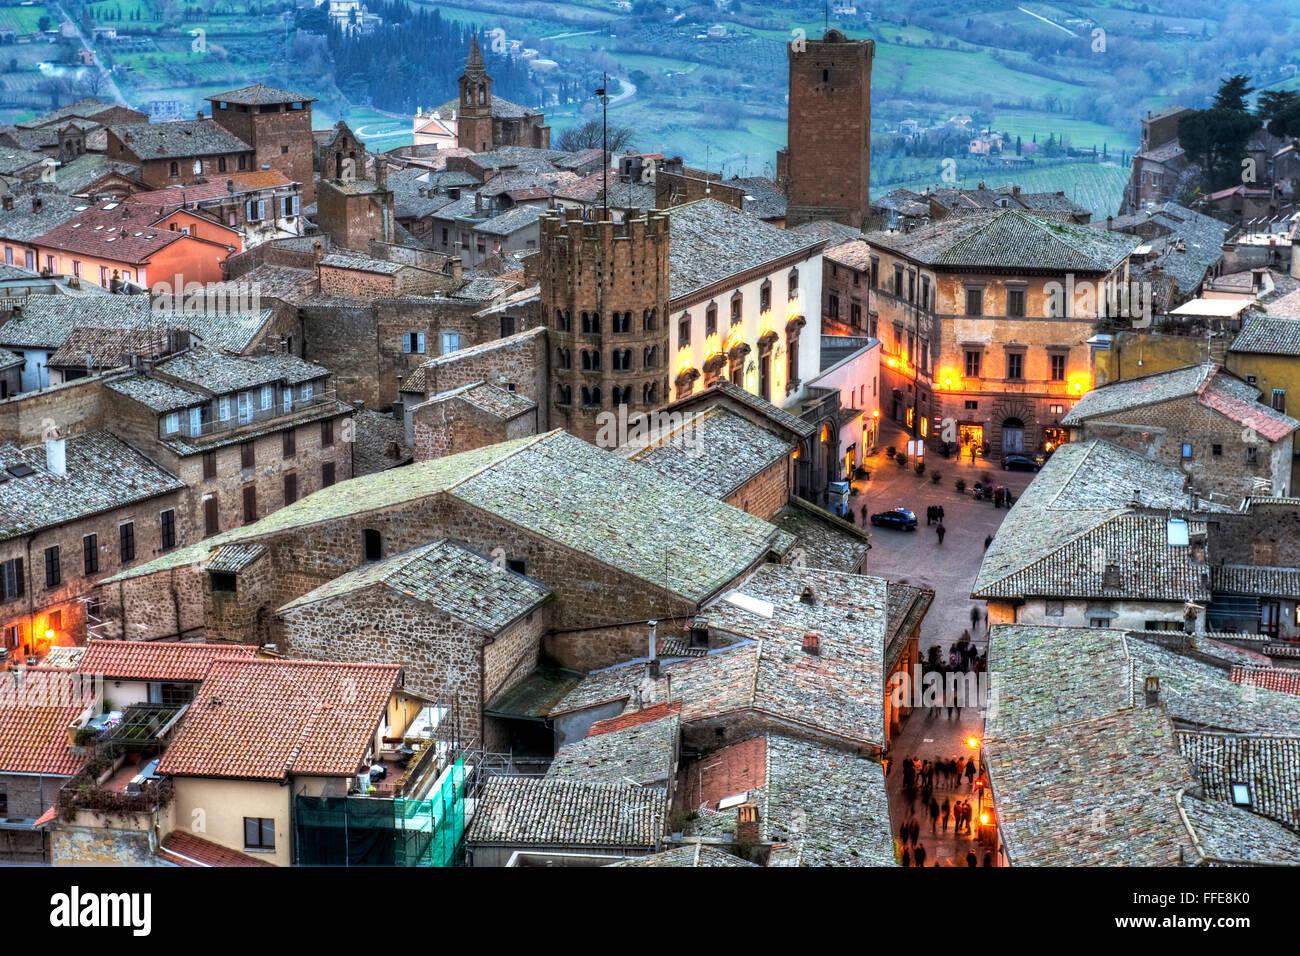 orvieto city in italy - photo #26